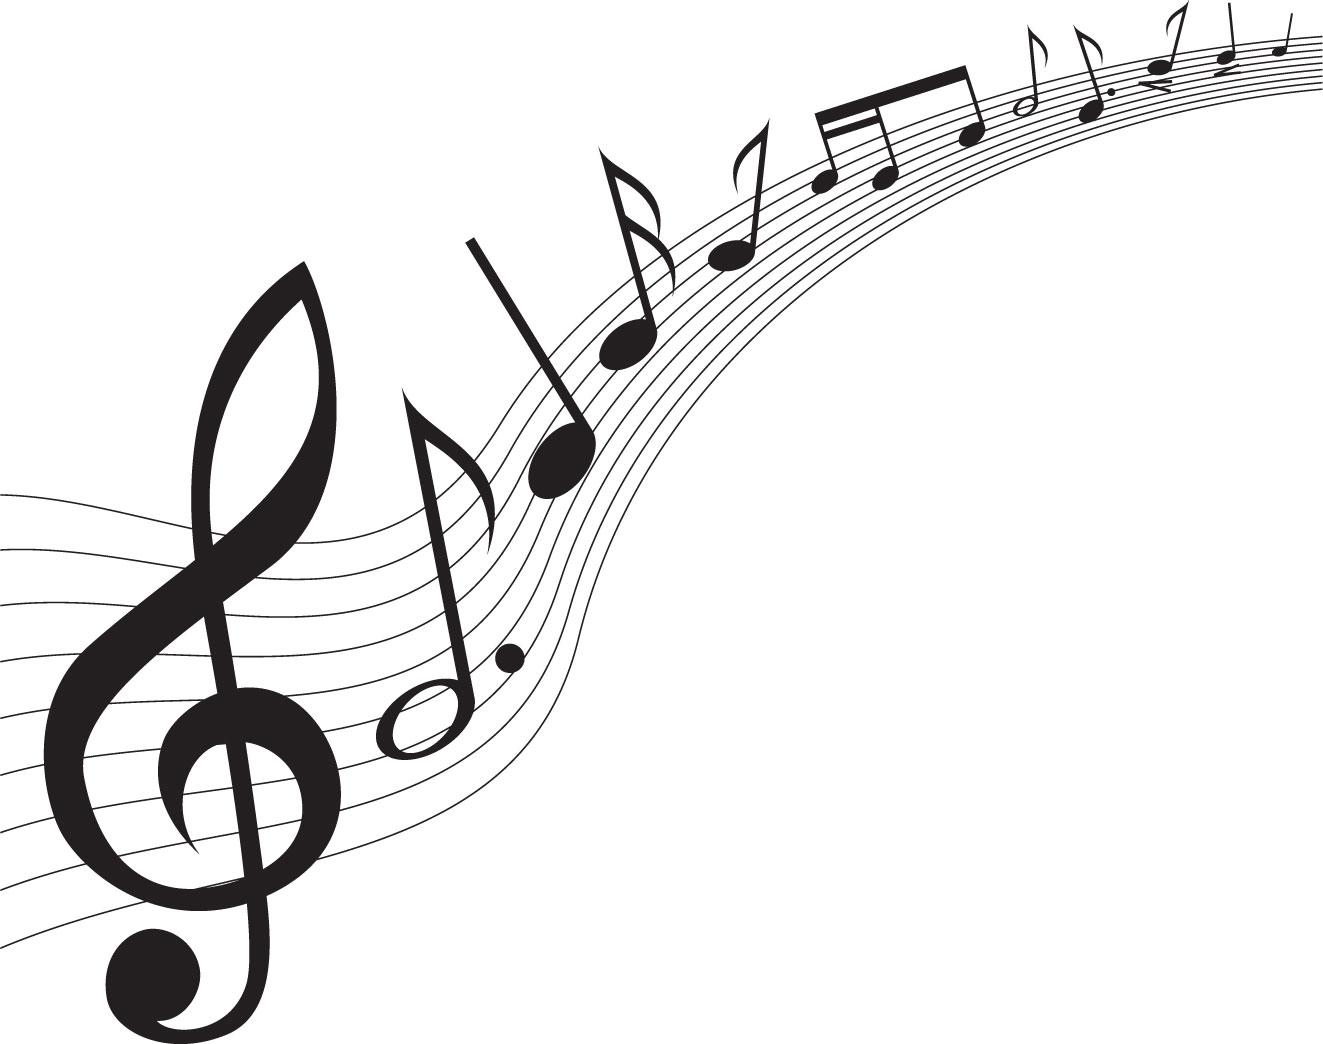 音符イラスト流れる楽譜 無料のフリー素材